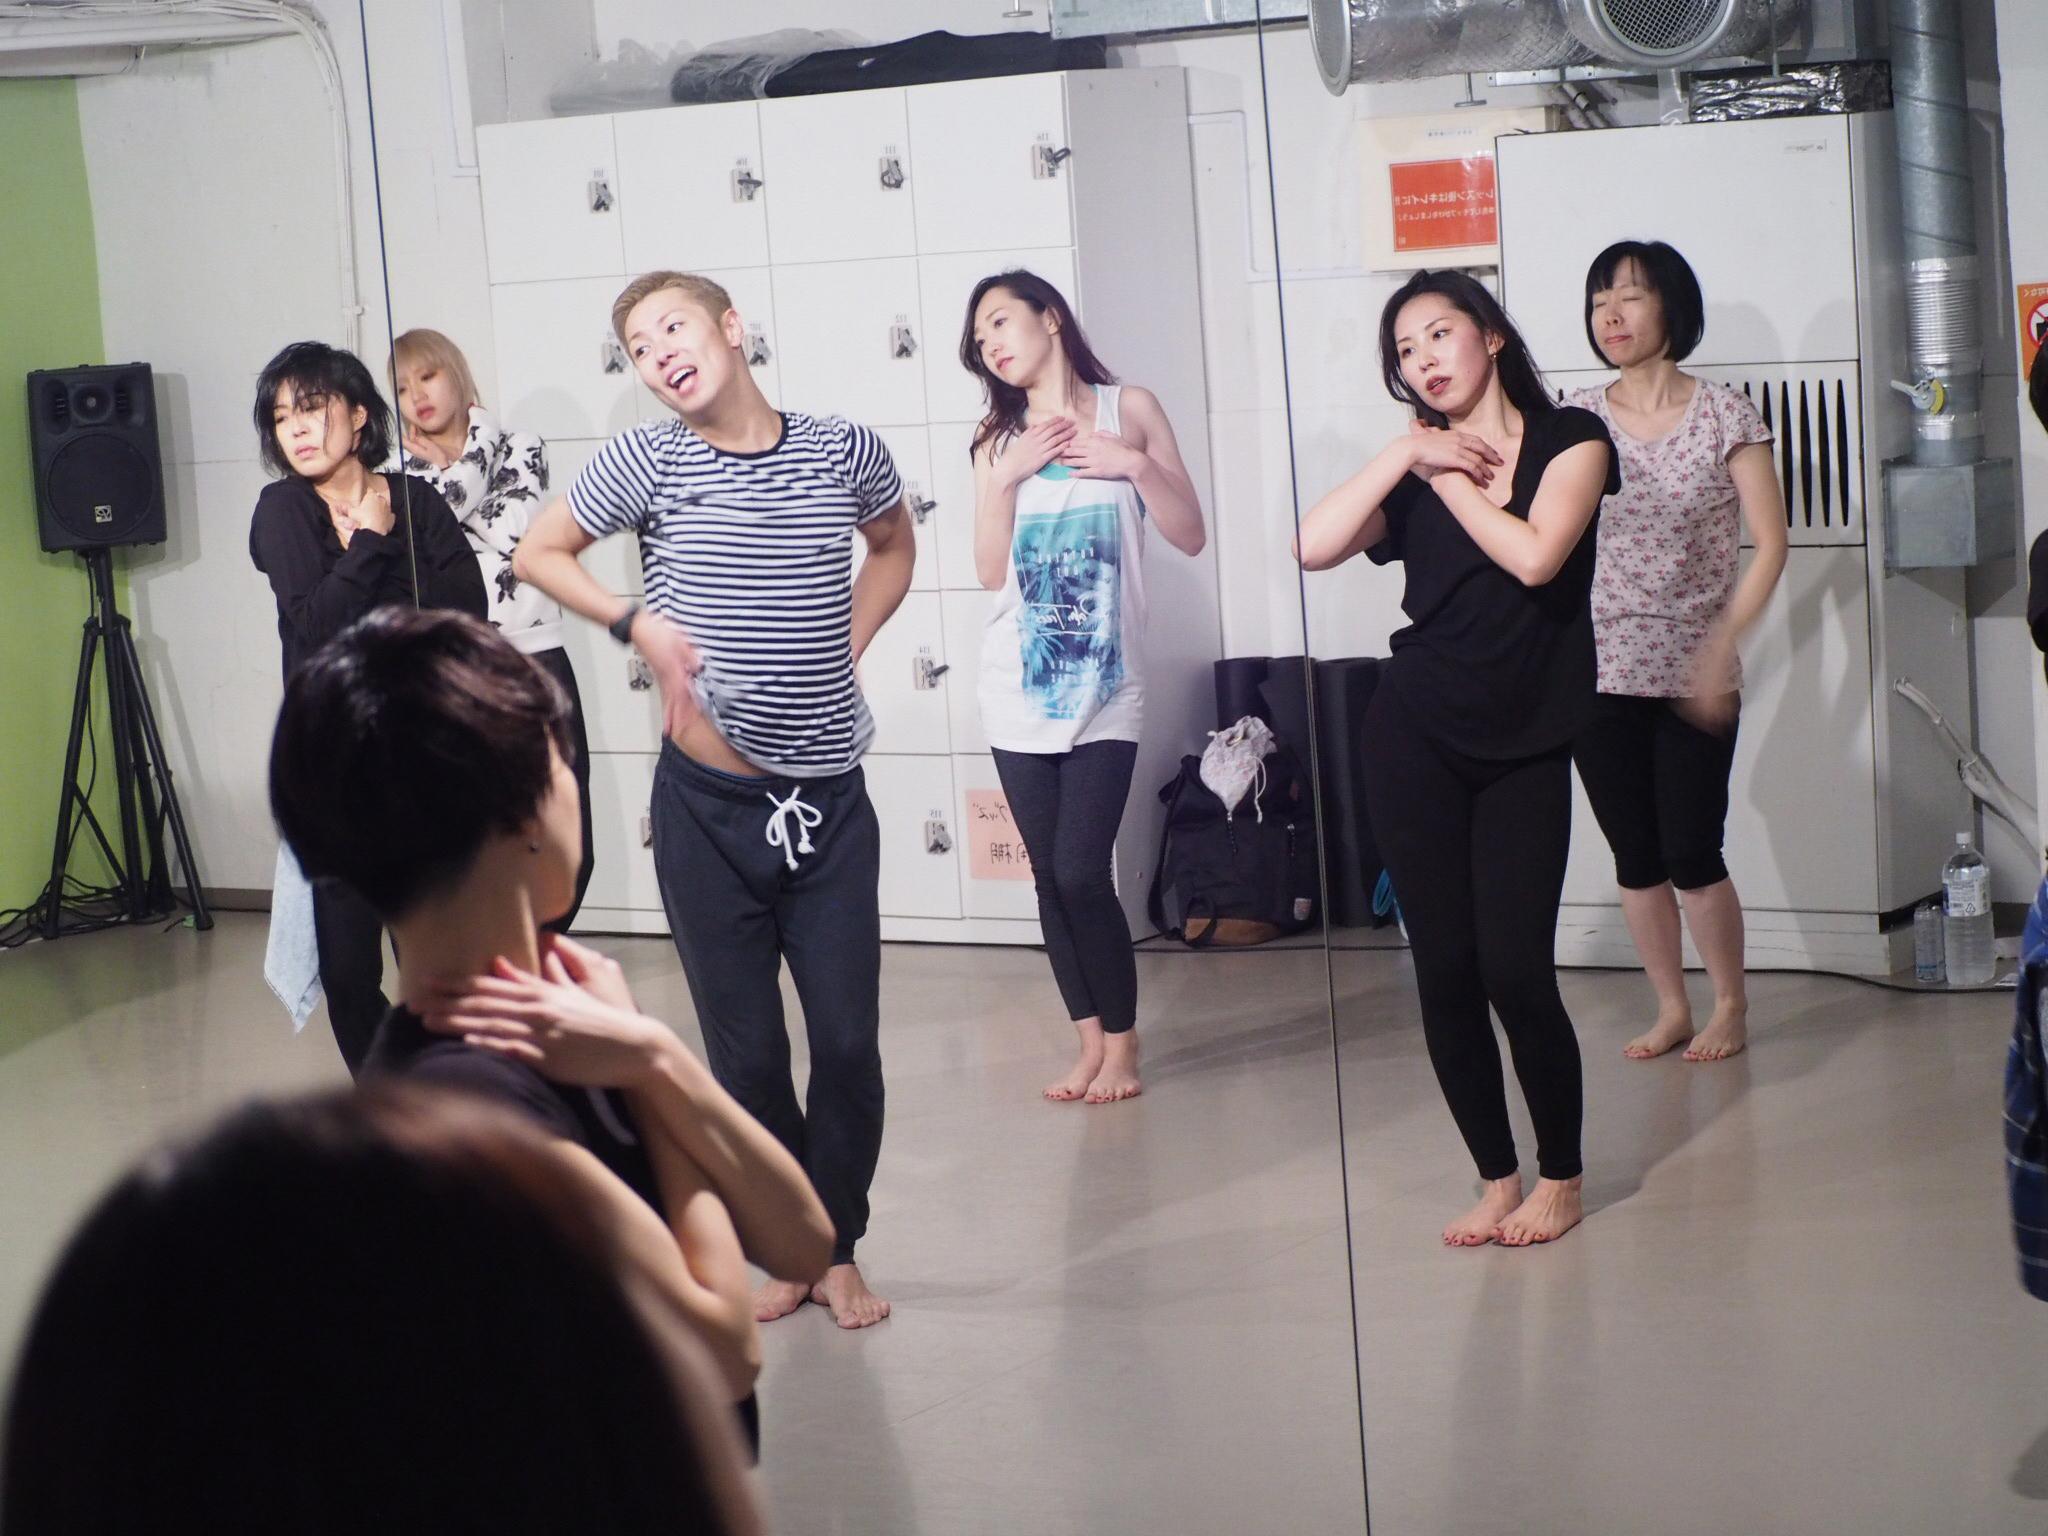 記事「アンニョンハセヨ~ 韓流好きは集まれ!《第❷弾》K-POP好き以外も集まる!?Pe6co先生クラスに潜入!!」の画像